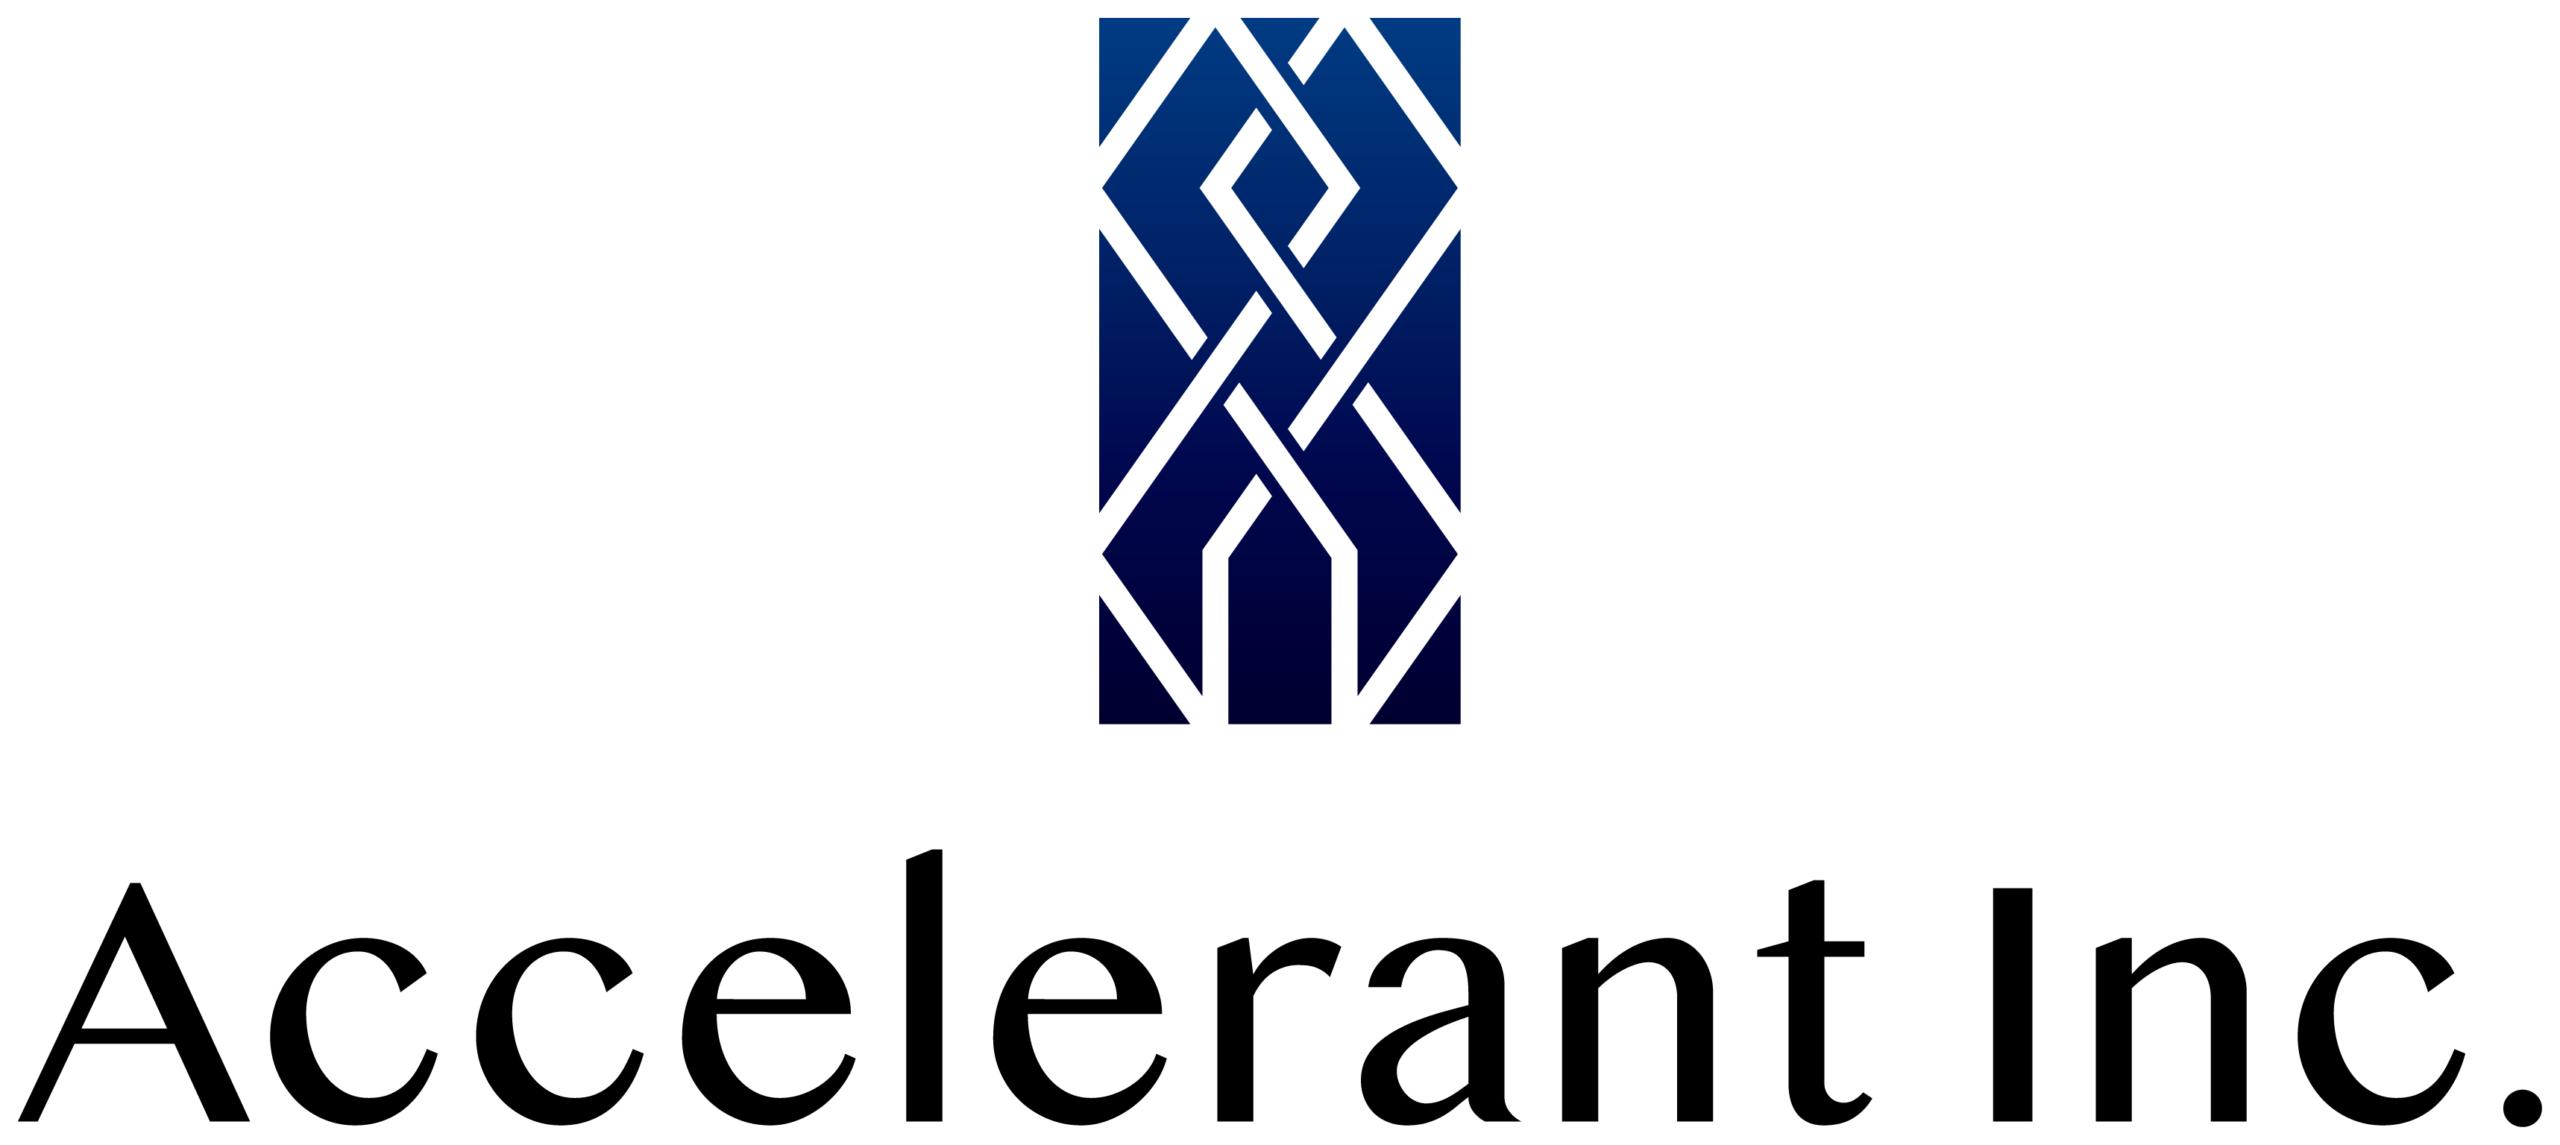 経営コンサルタントと高級感/気品と紺のロゴ